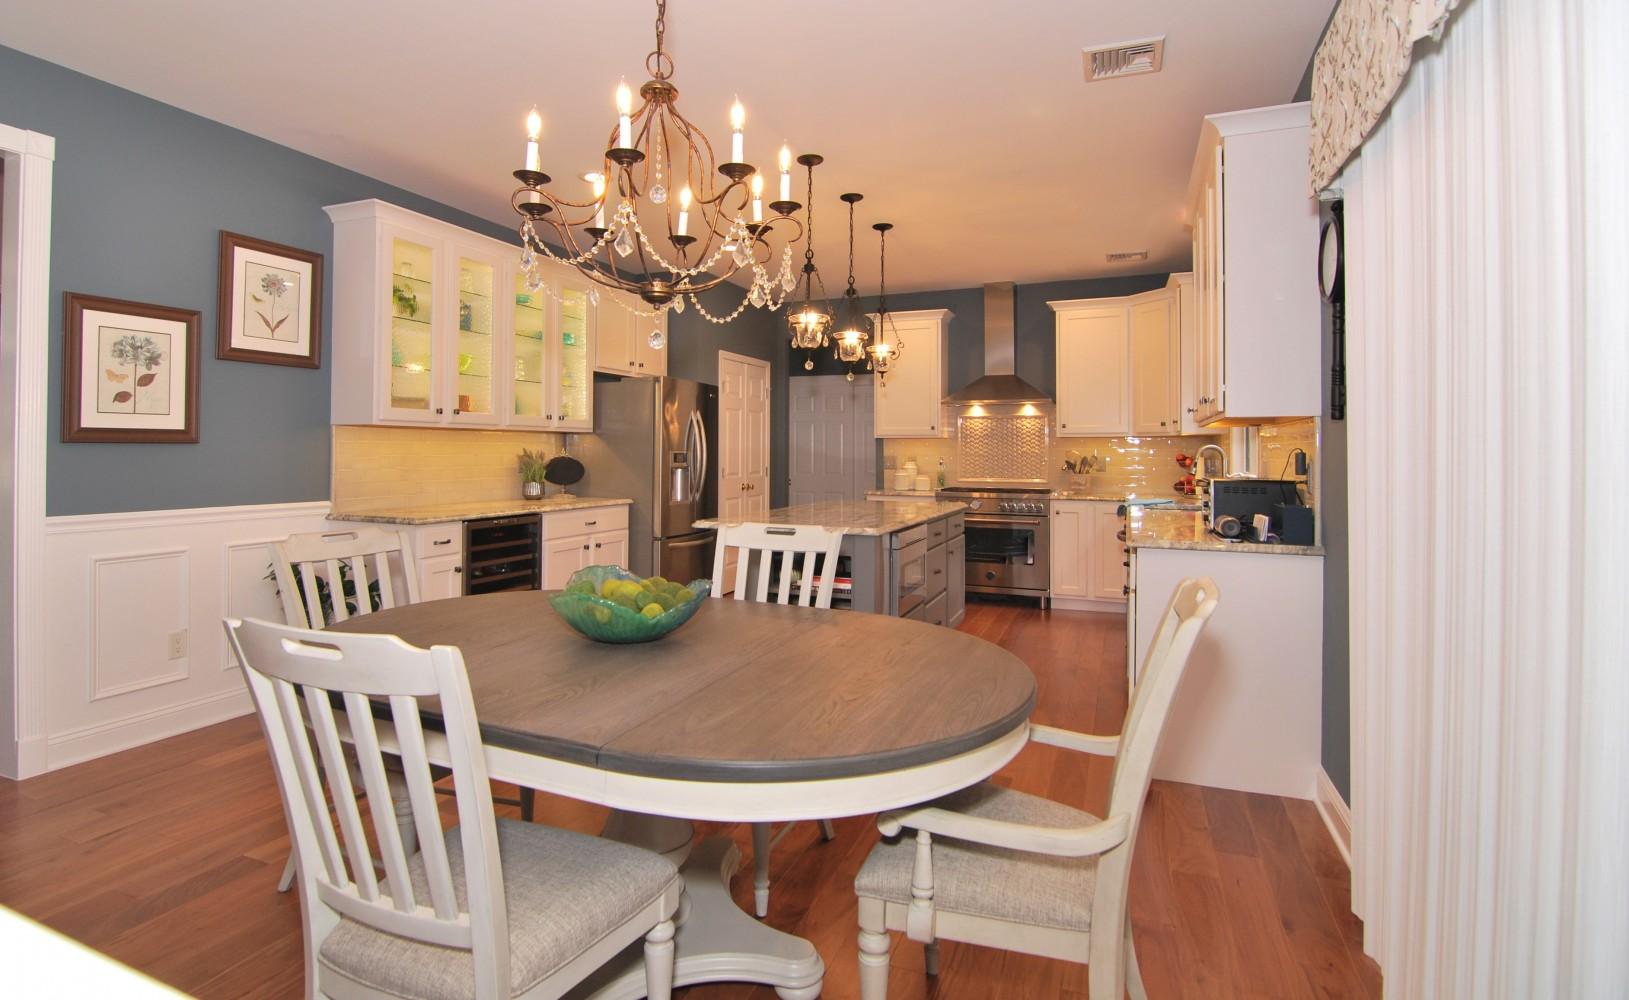 Kitchen & Dining Rooms   Marlton, NJ   Distinctive ...